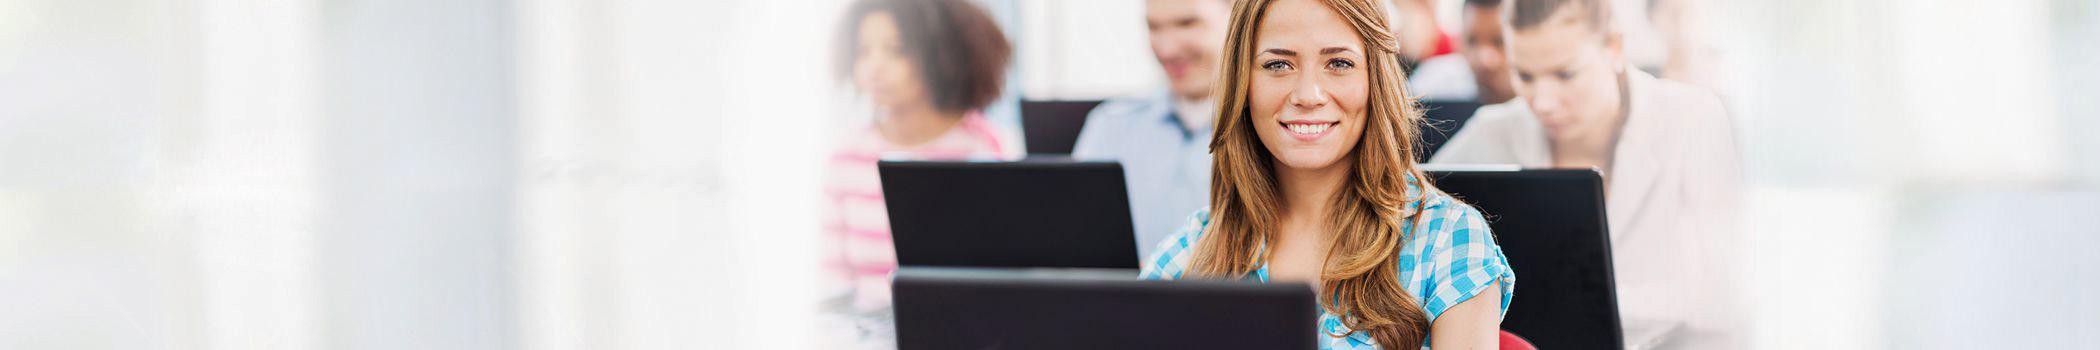 Entête Moodle jeune fille souriante devant un ordinateur